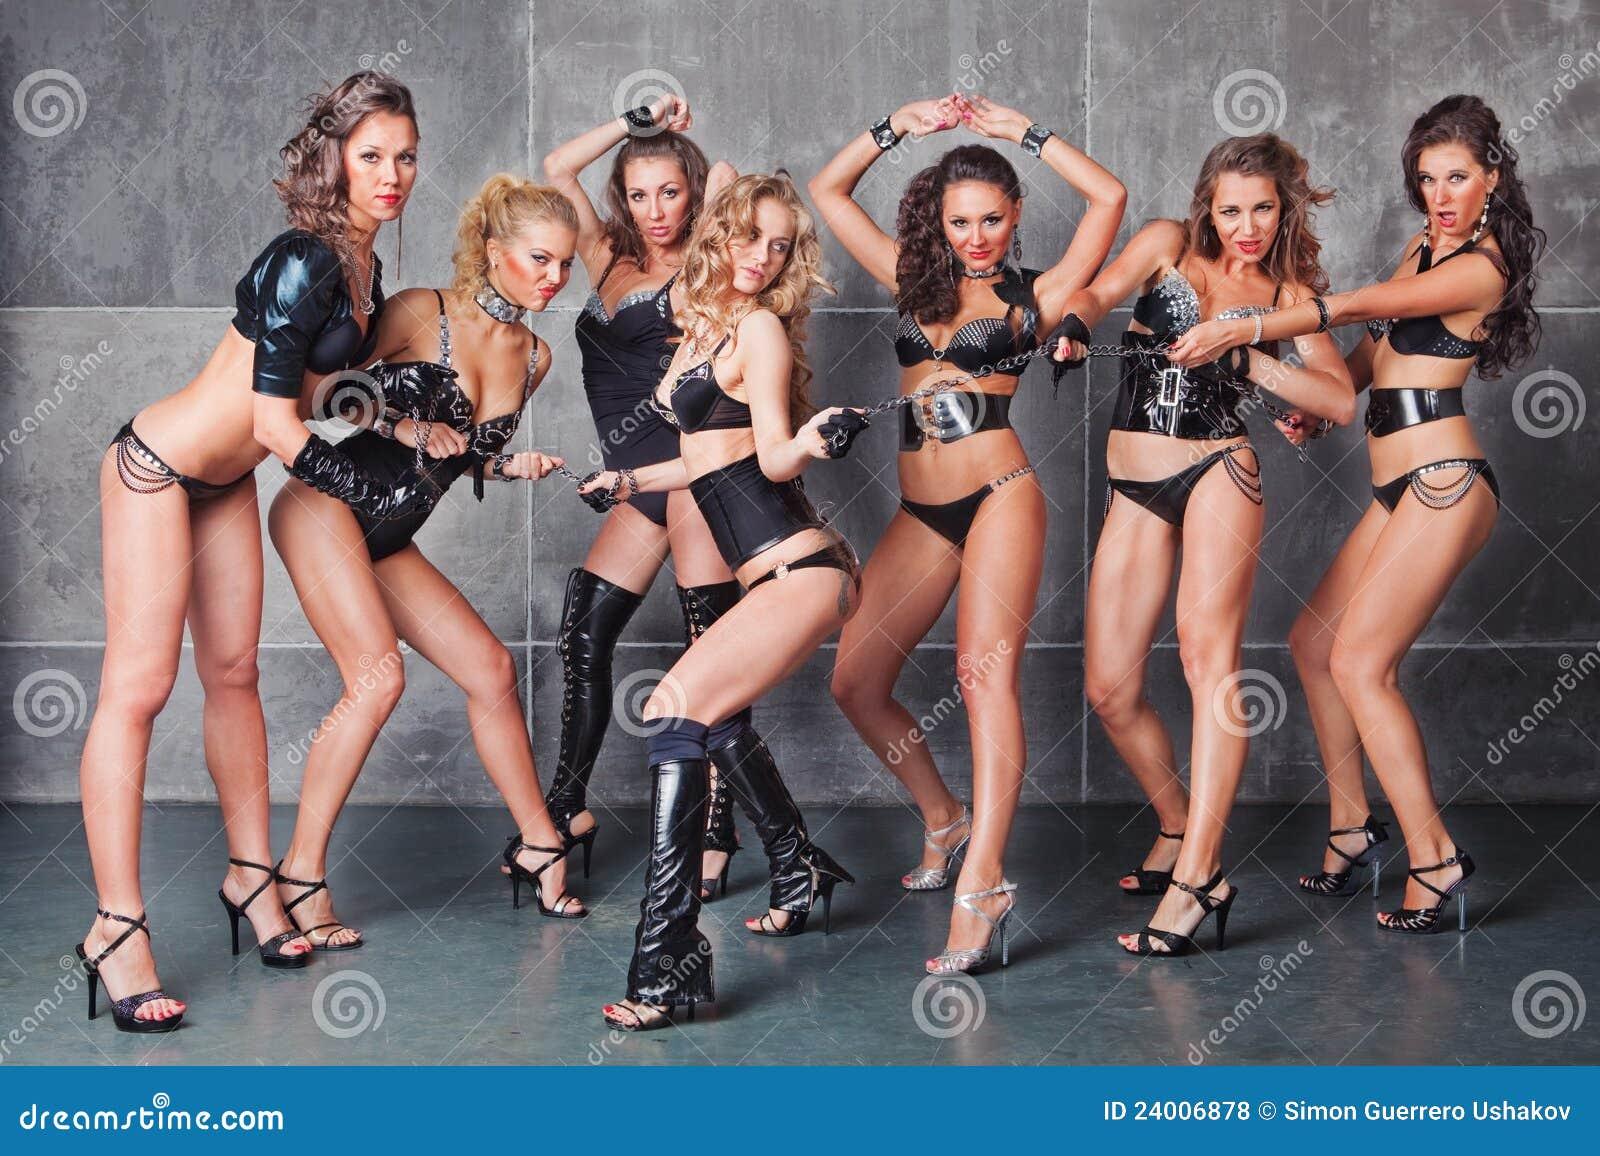 Сексуальная девушка танцует go go 11 фотография